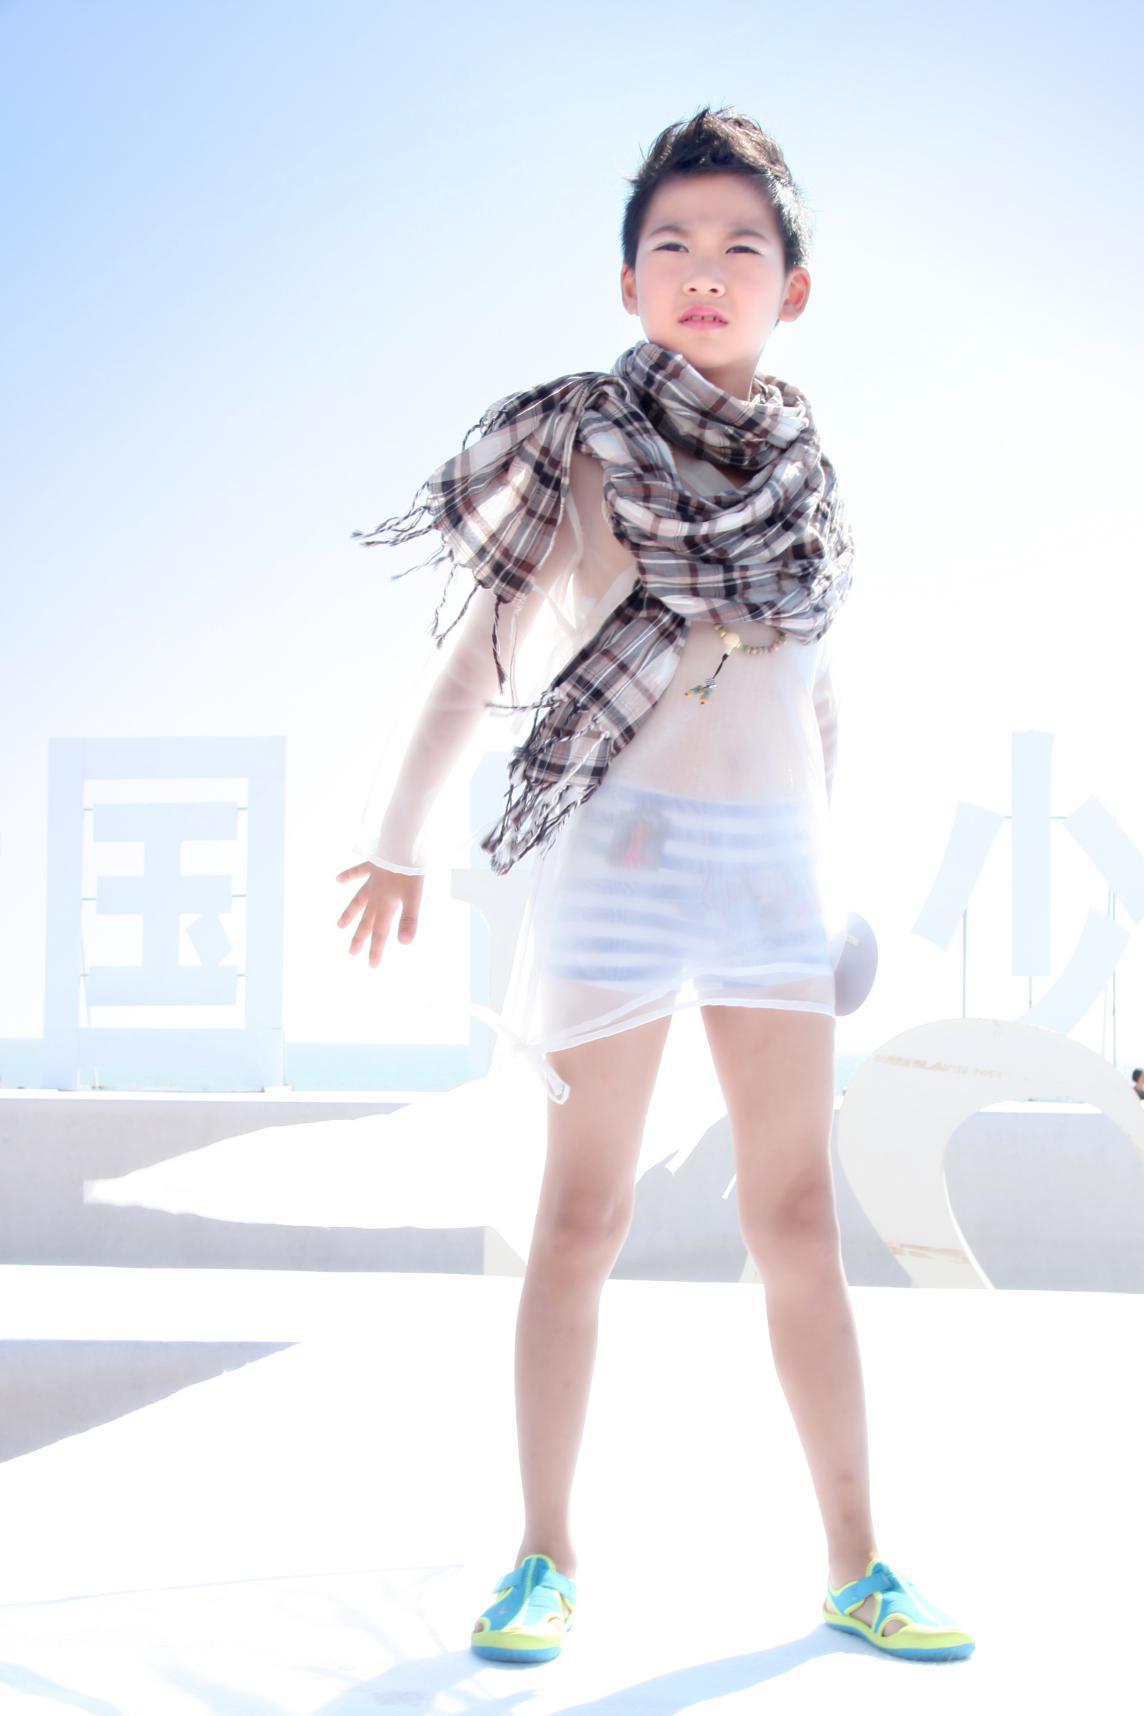 中国少儿模特协会的男模团助阵…一个个身着靓丽泳装的小精灵向着碧海